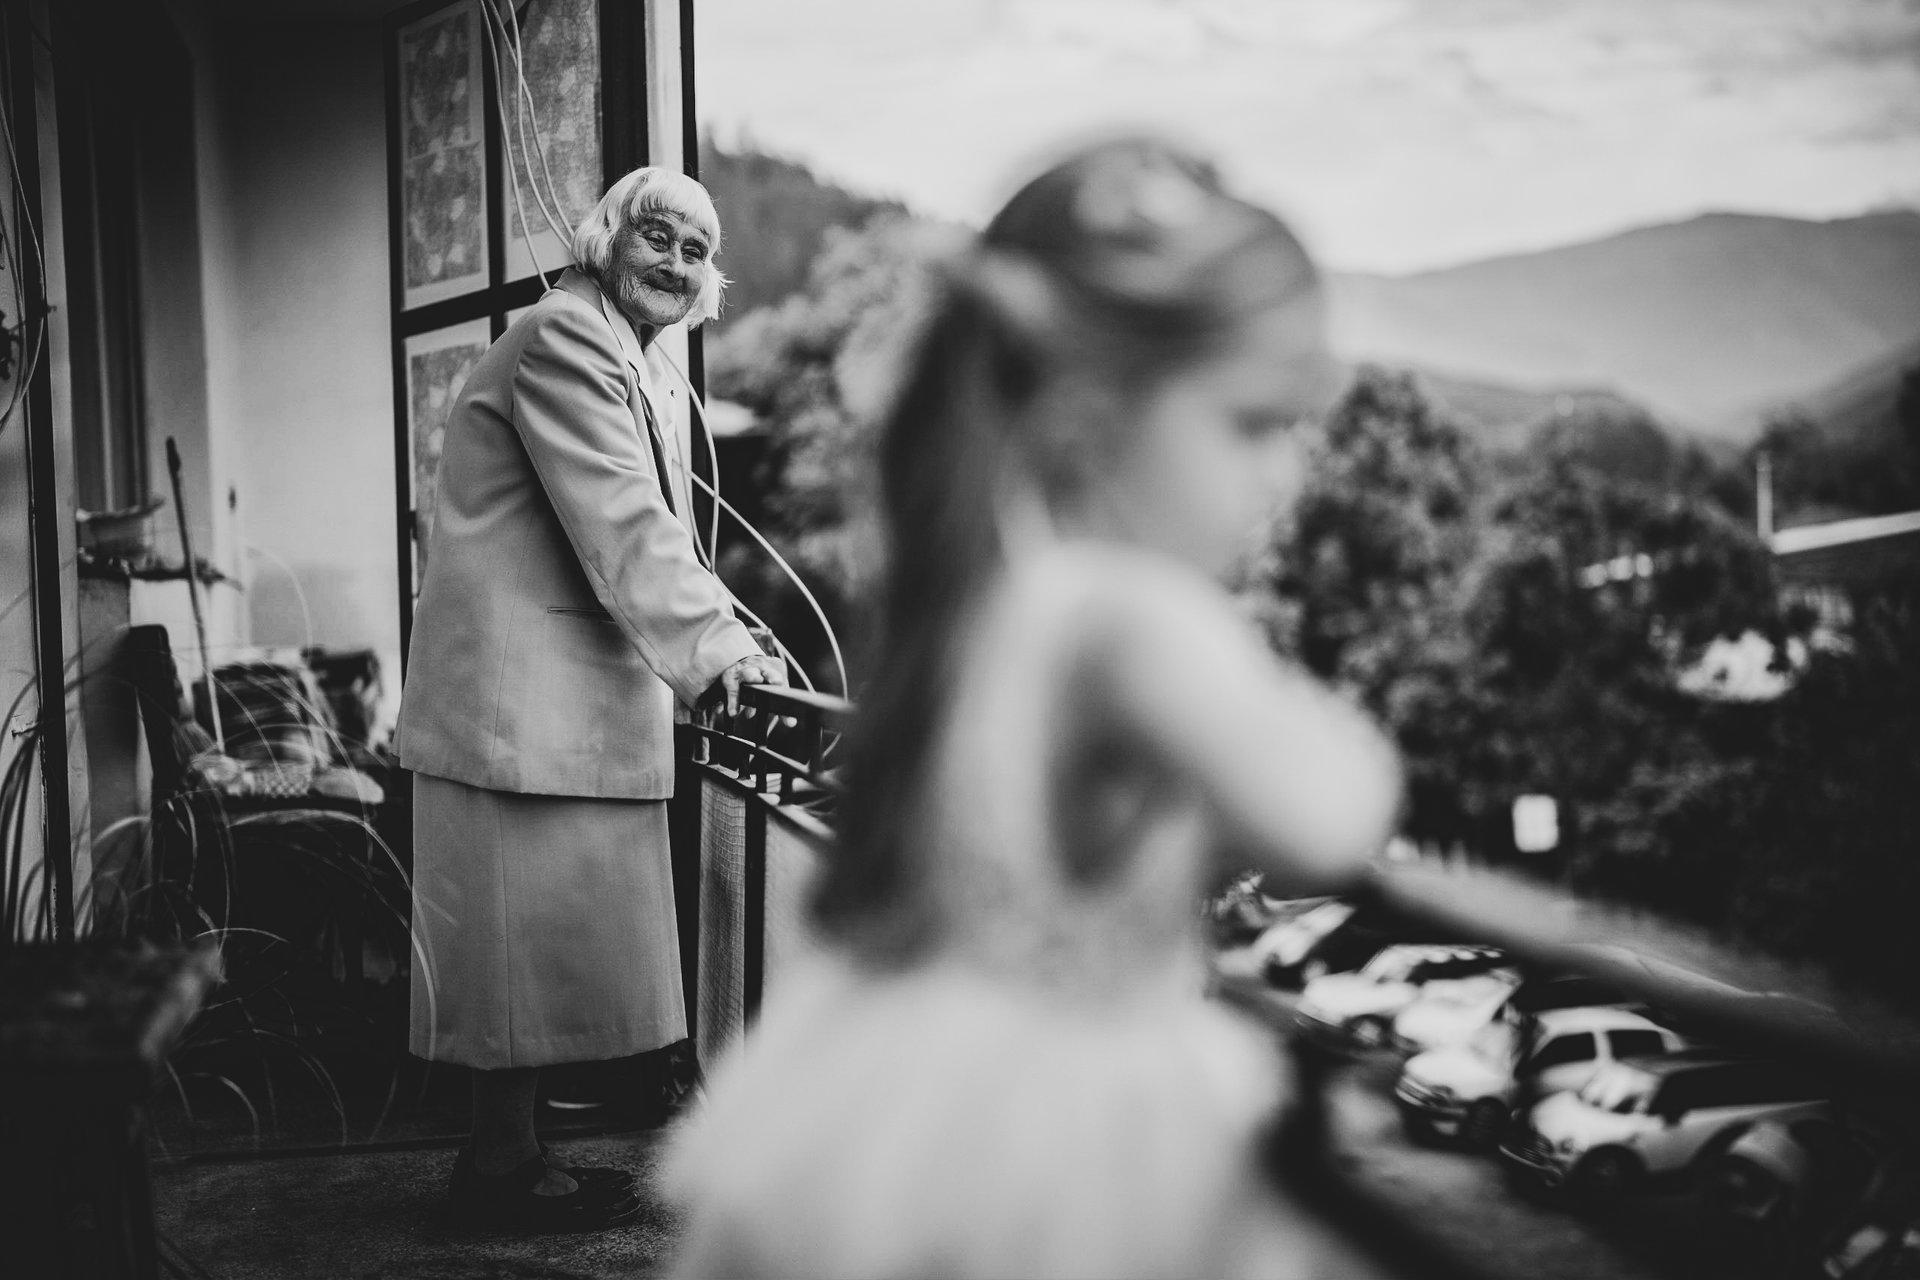 ... | Author Vasil Nikolov - valetvitor | PHOTO FORUM